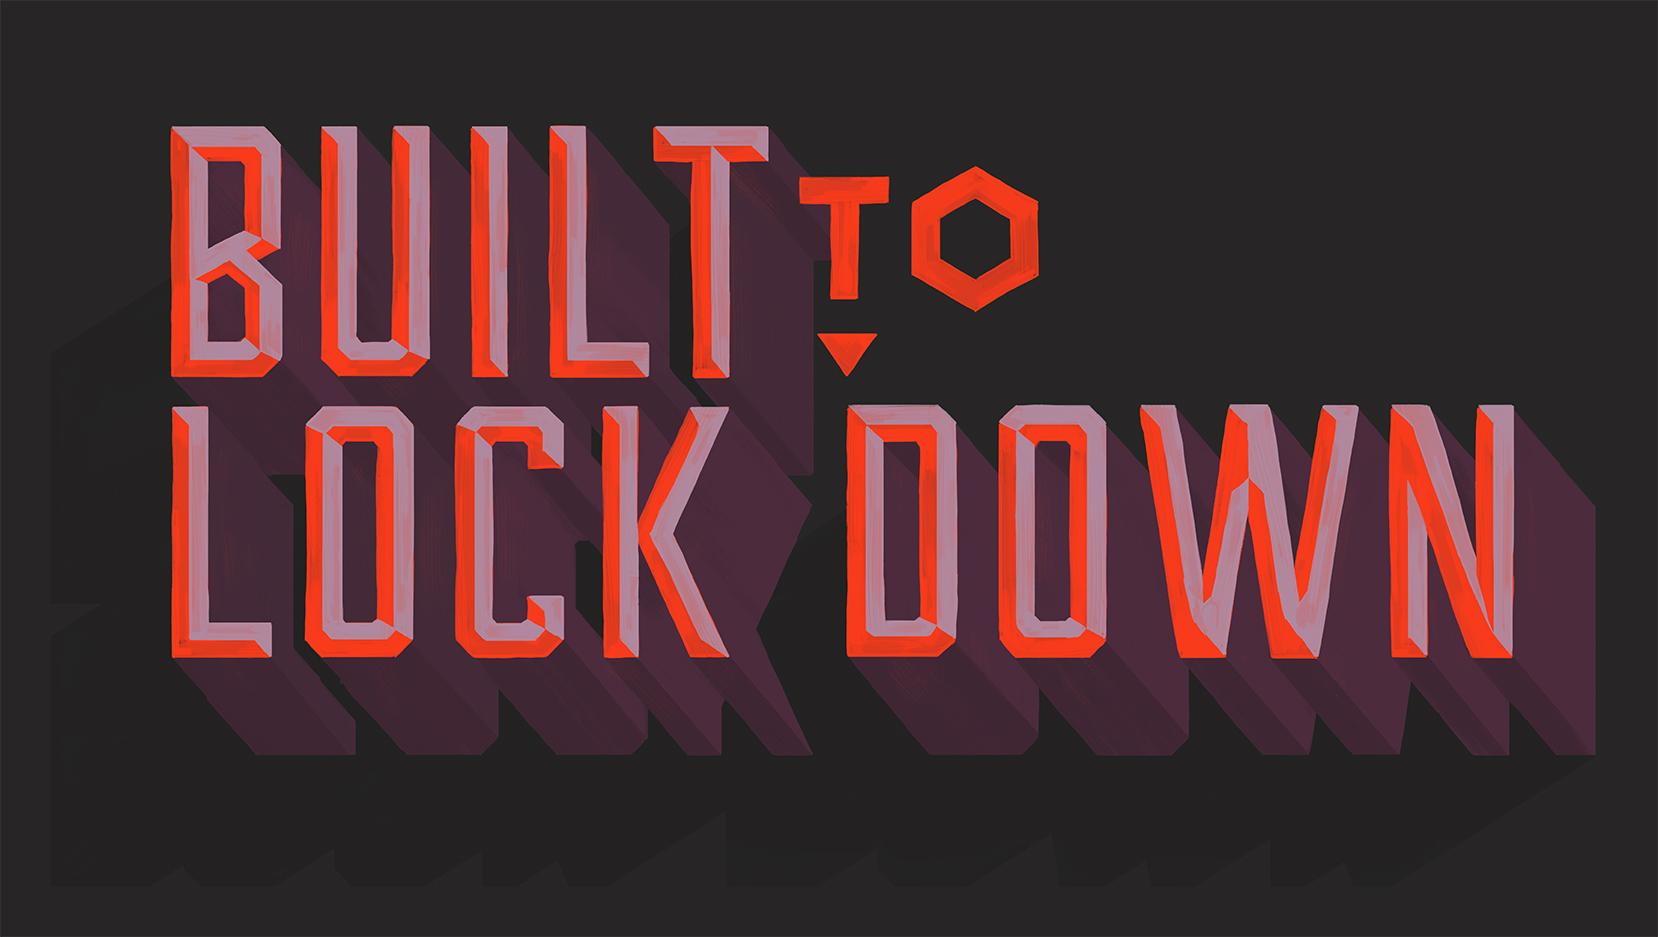 LeBron_LockDown_Hex.jpg